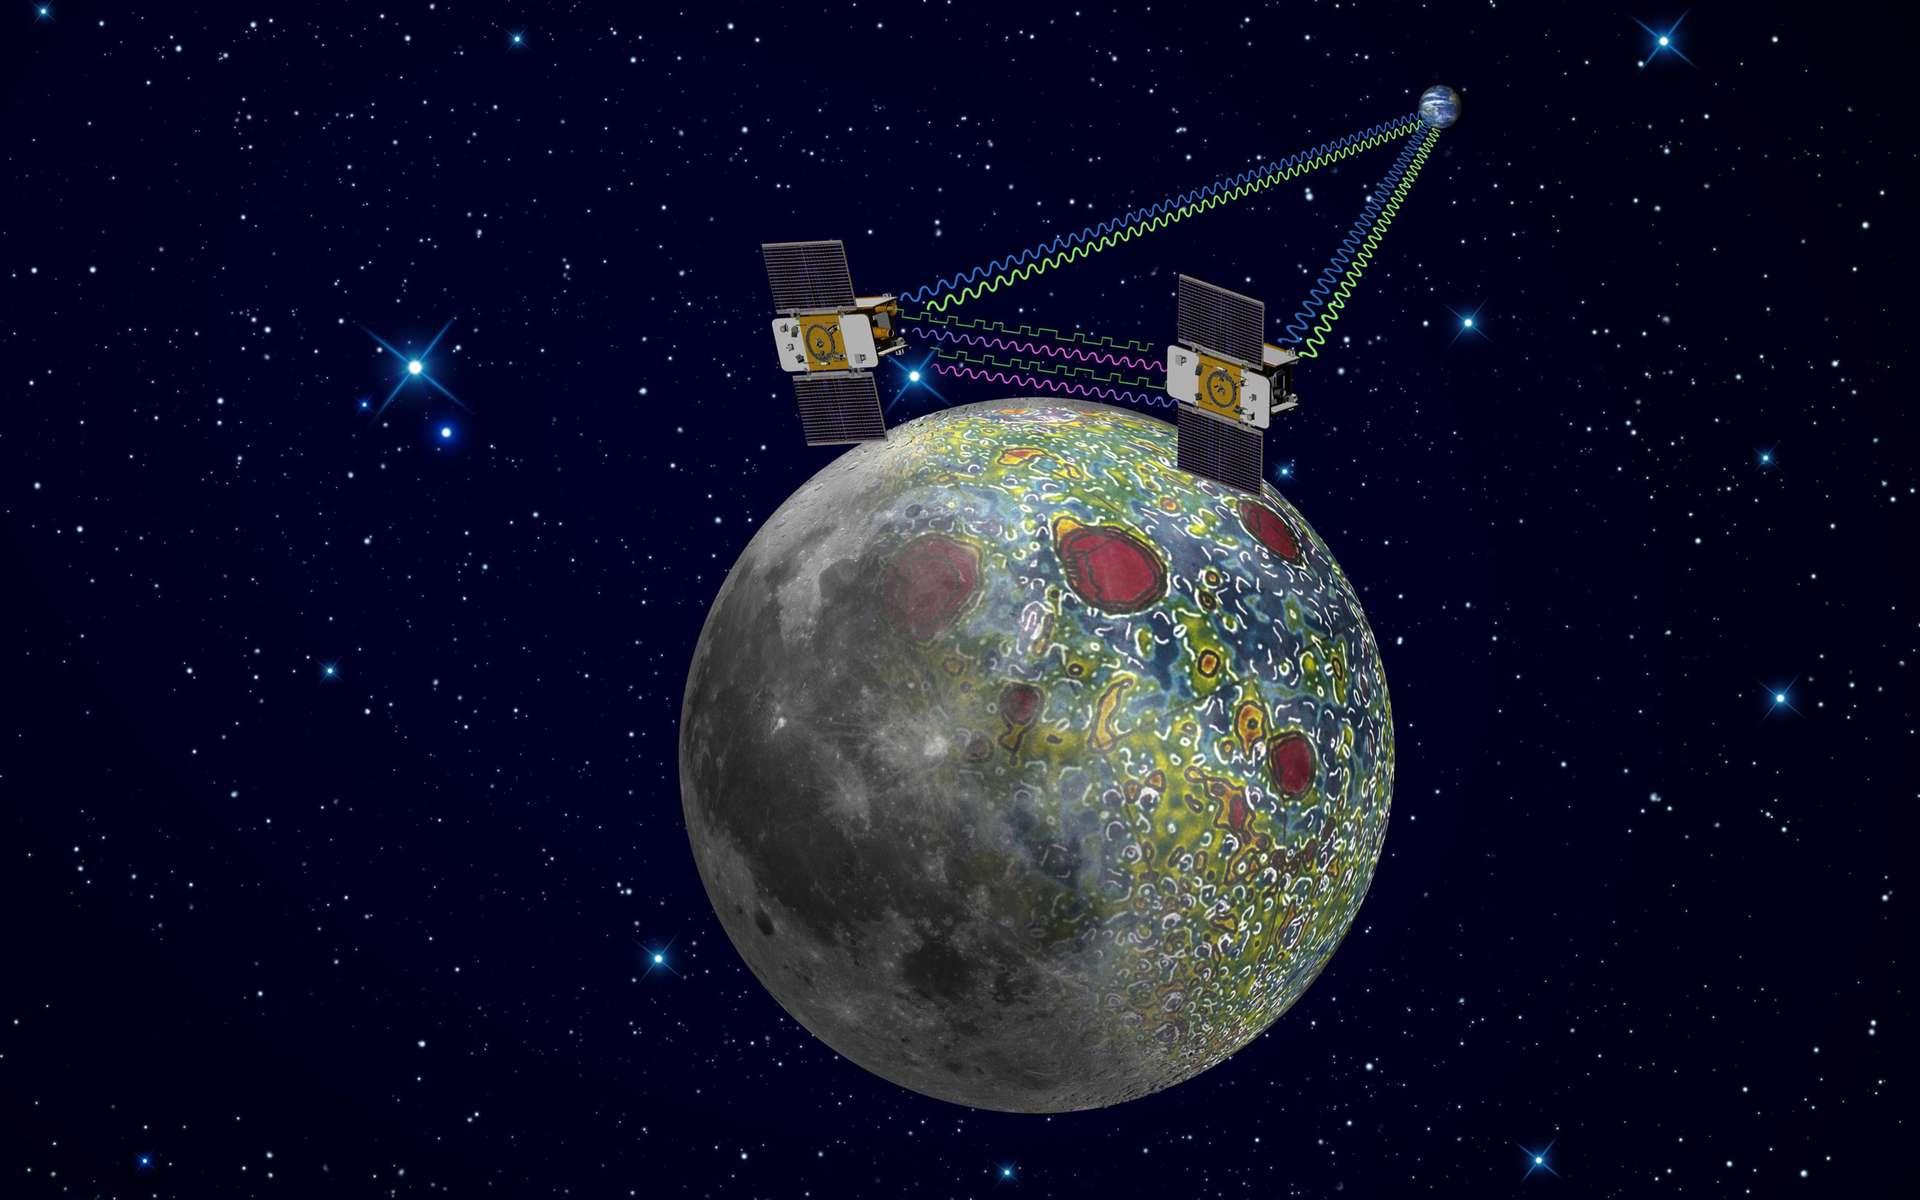 Les deux sondes de la mission Grail (Nasa) sont arrivées en orbite autour de la Lune. Elles s'apprêtent à cartographier le champ de gravité de notre satellite, ce qui permet de remonter à sa structure interne. © Nasa/JPL-Caltech